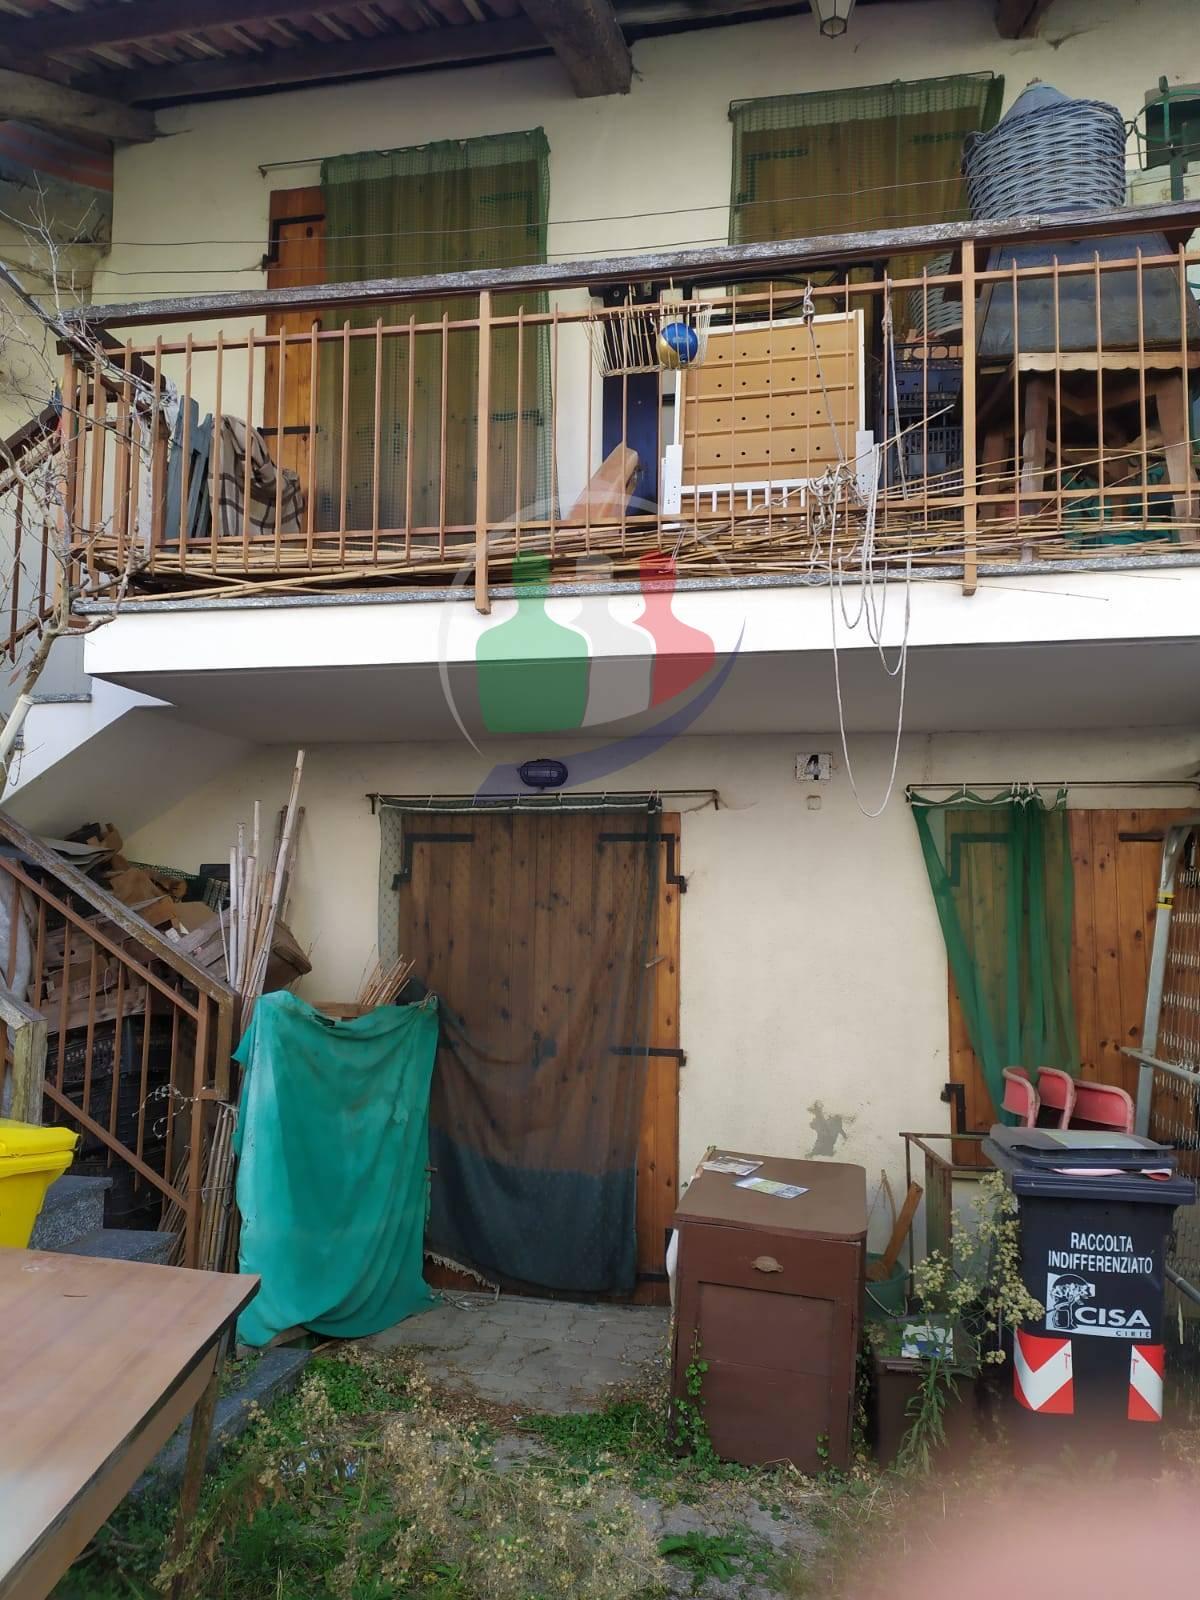 Rustico / Casale in vendita a Val della Torre, 2 locali, prezzo € 14.000 | PortaleAgenzieImmobiliari.it